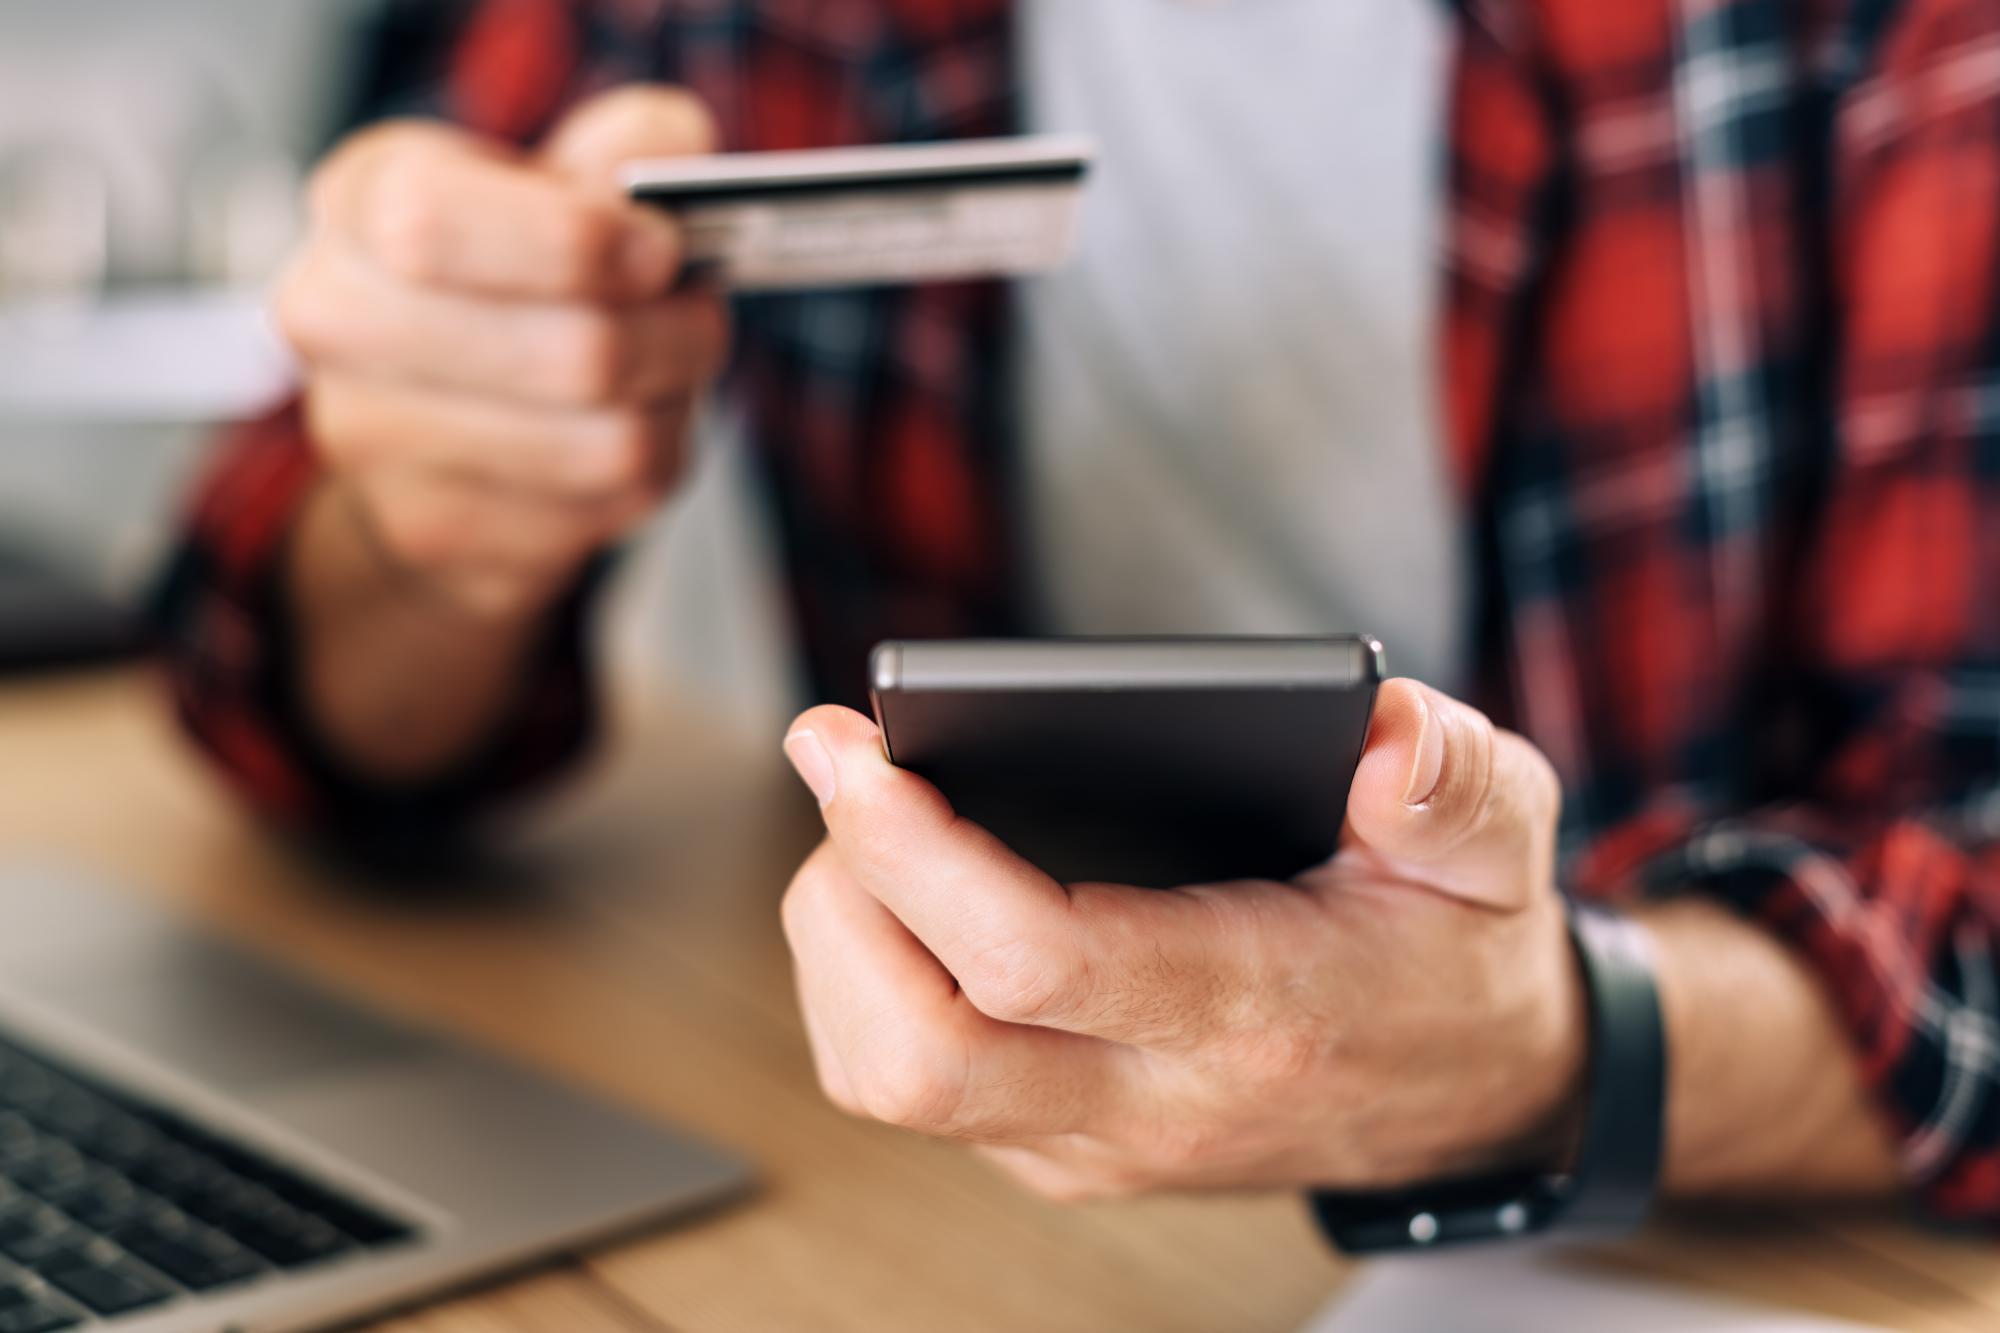 Еврокомиссия пояснила новые правила НДС для электронной торговли